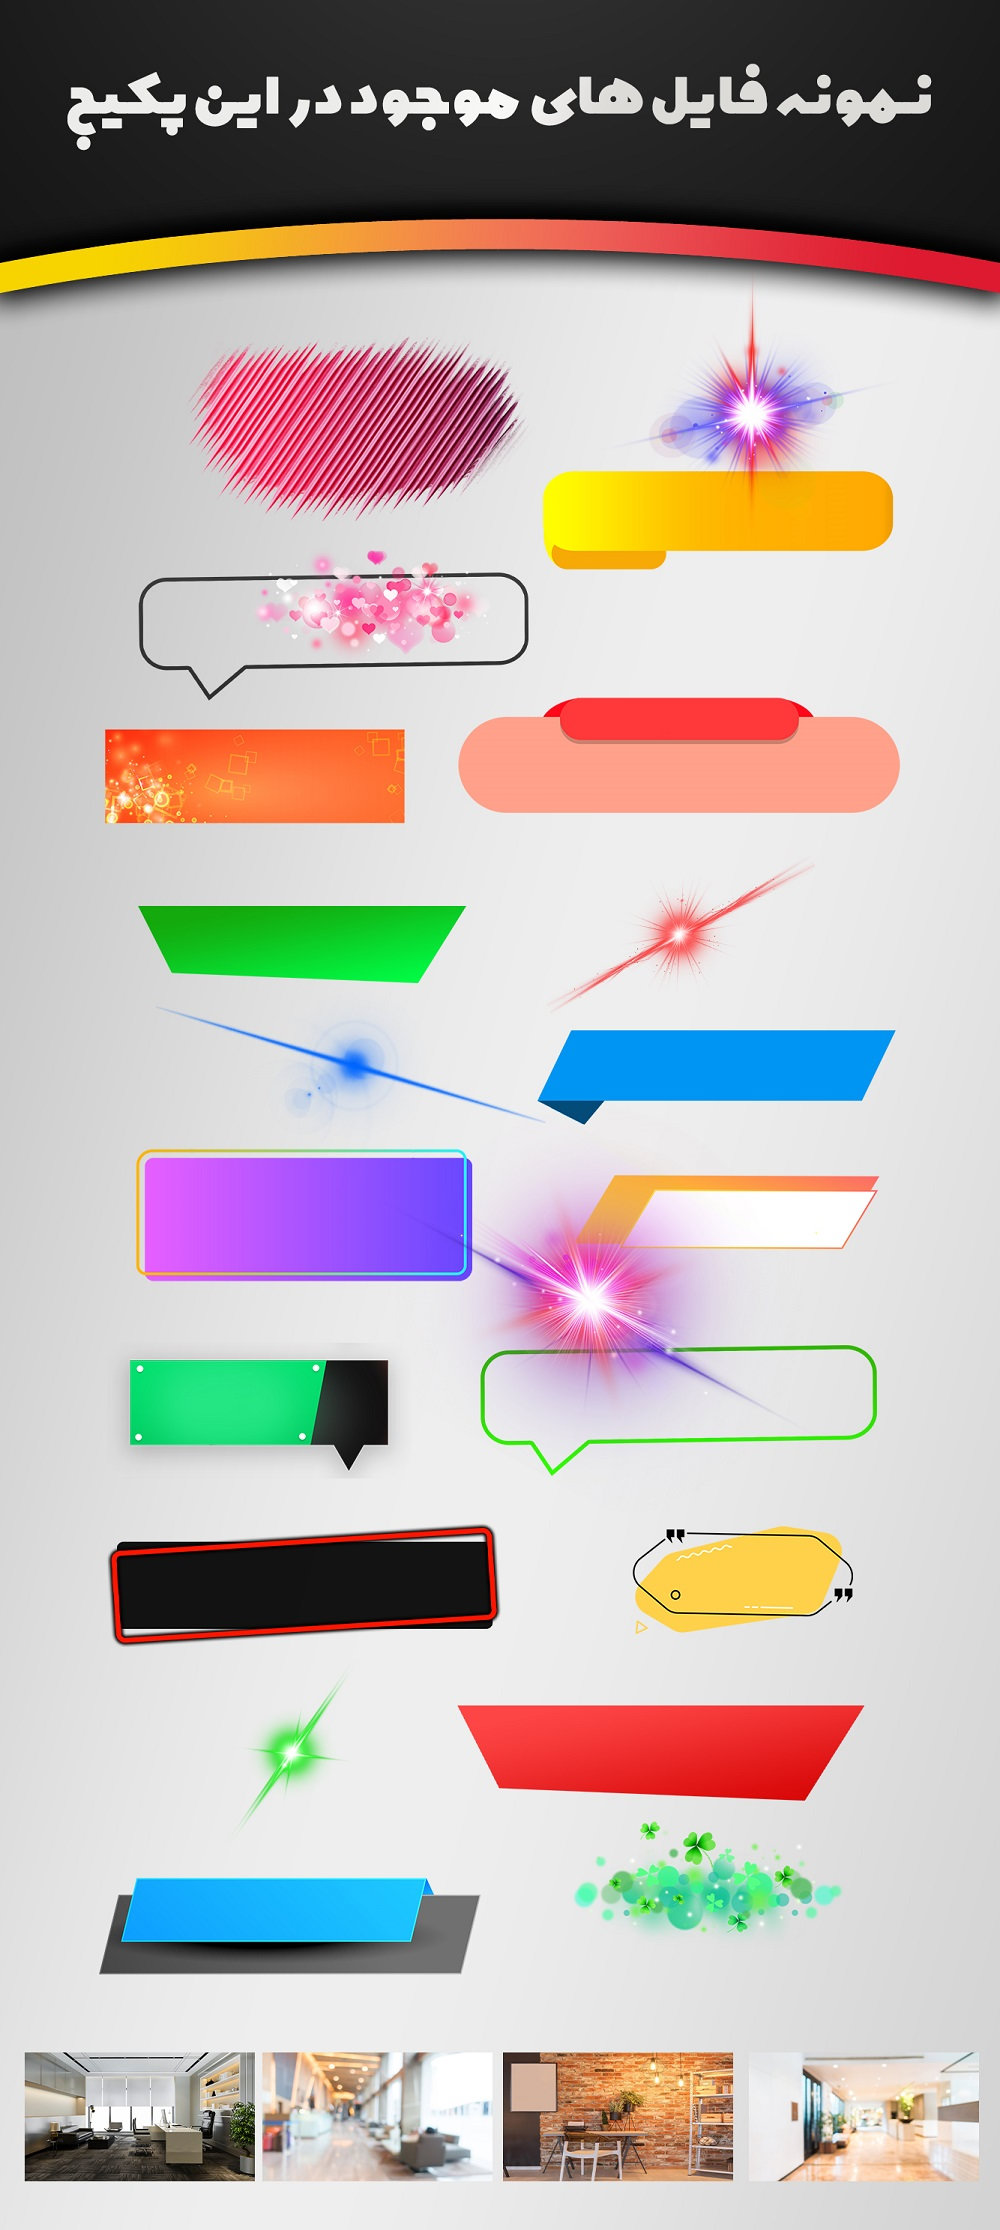 دانلود مجموعه پس زمینه متن و تابش نور برای طراحی کاور